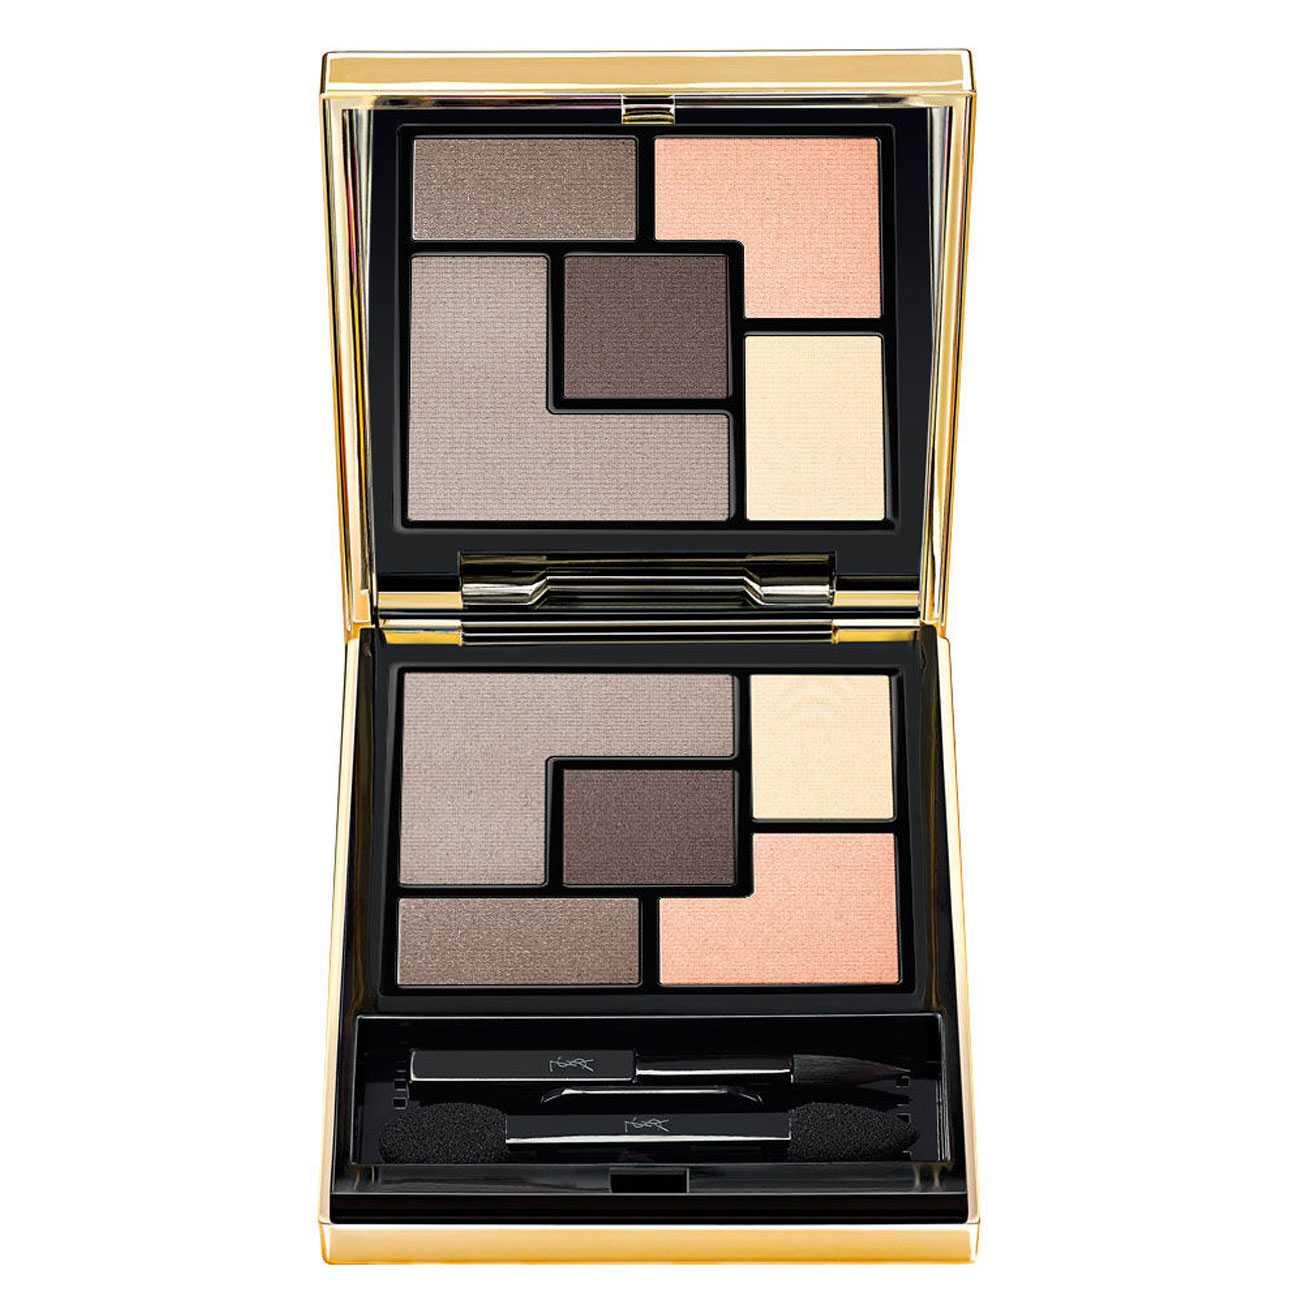 Couture Eye Palette 3 G Yves Saint Laurent imagine 2021 bestvalue.eu